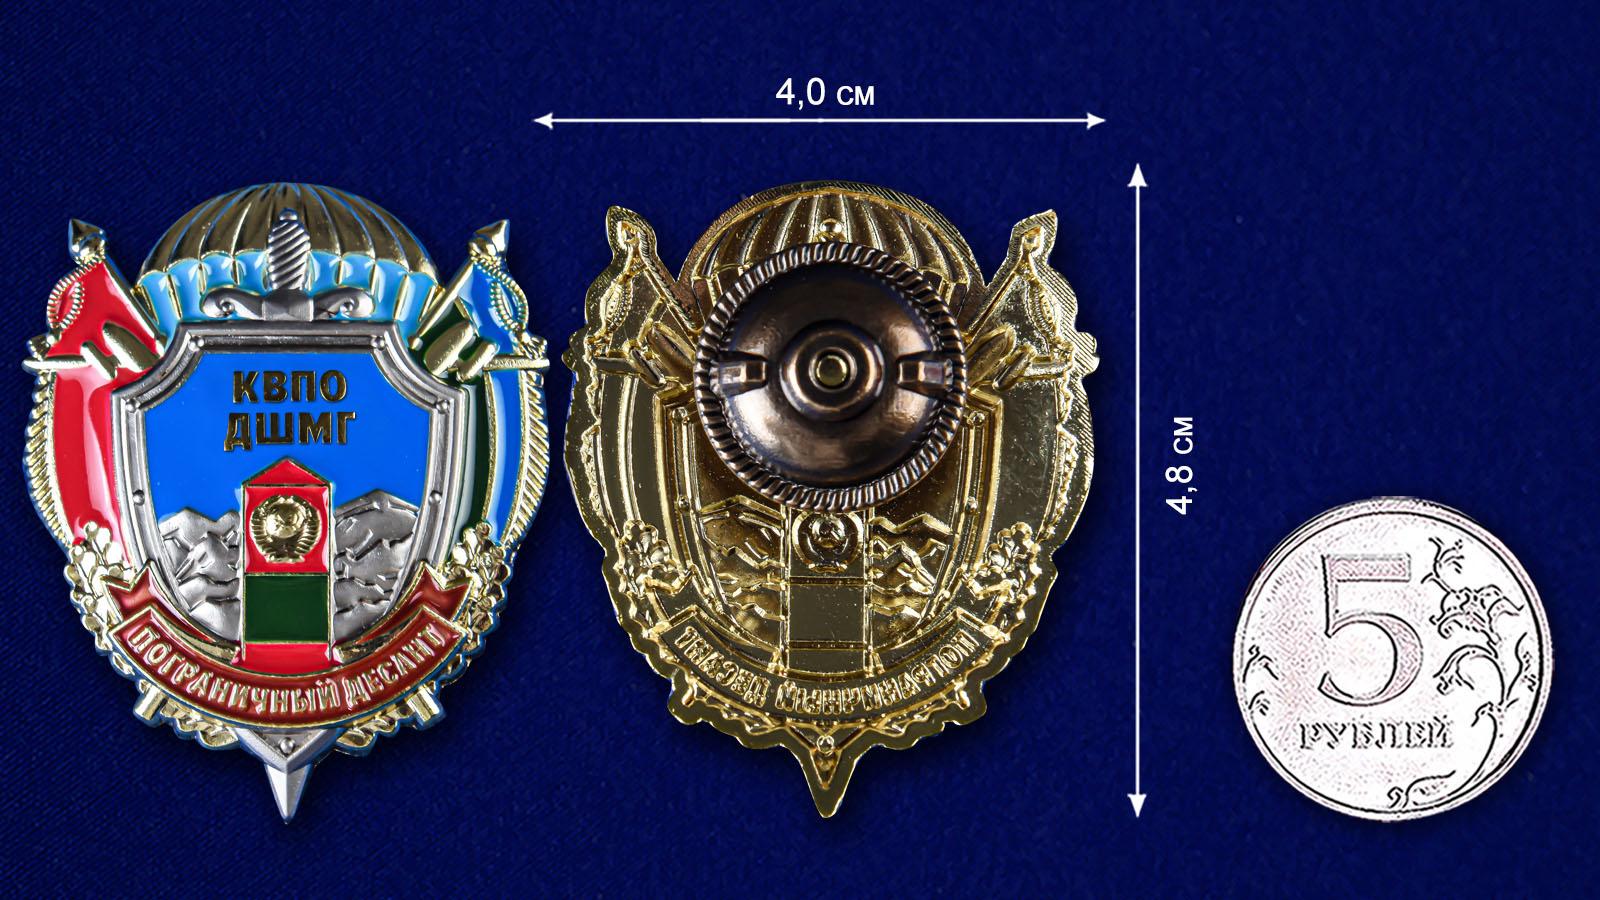 Знак КВПО ДШМГ Пограничный десант - сравнительный размер